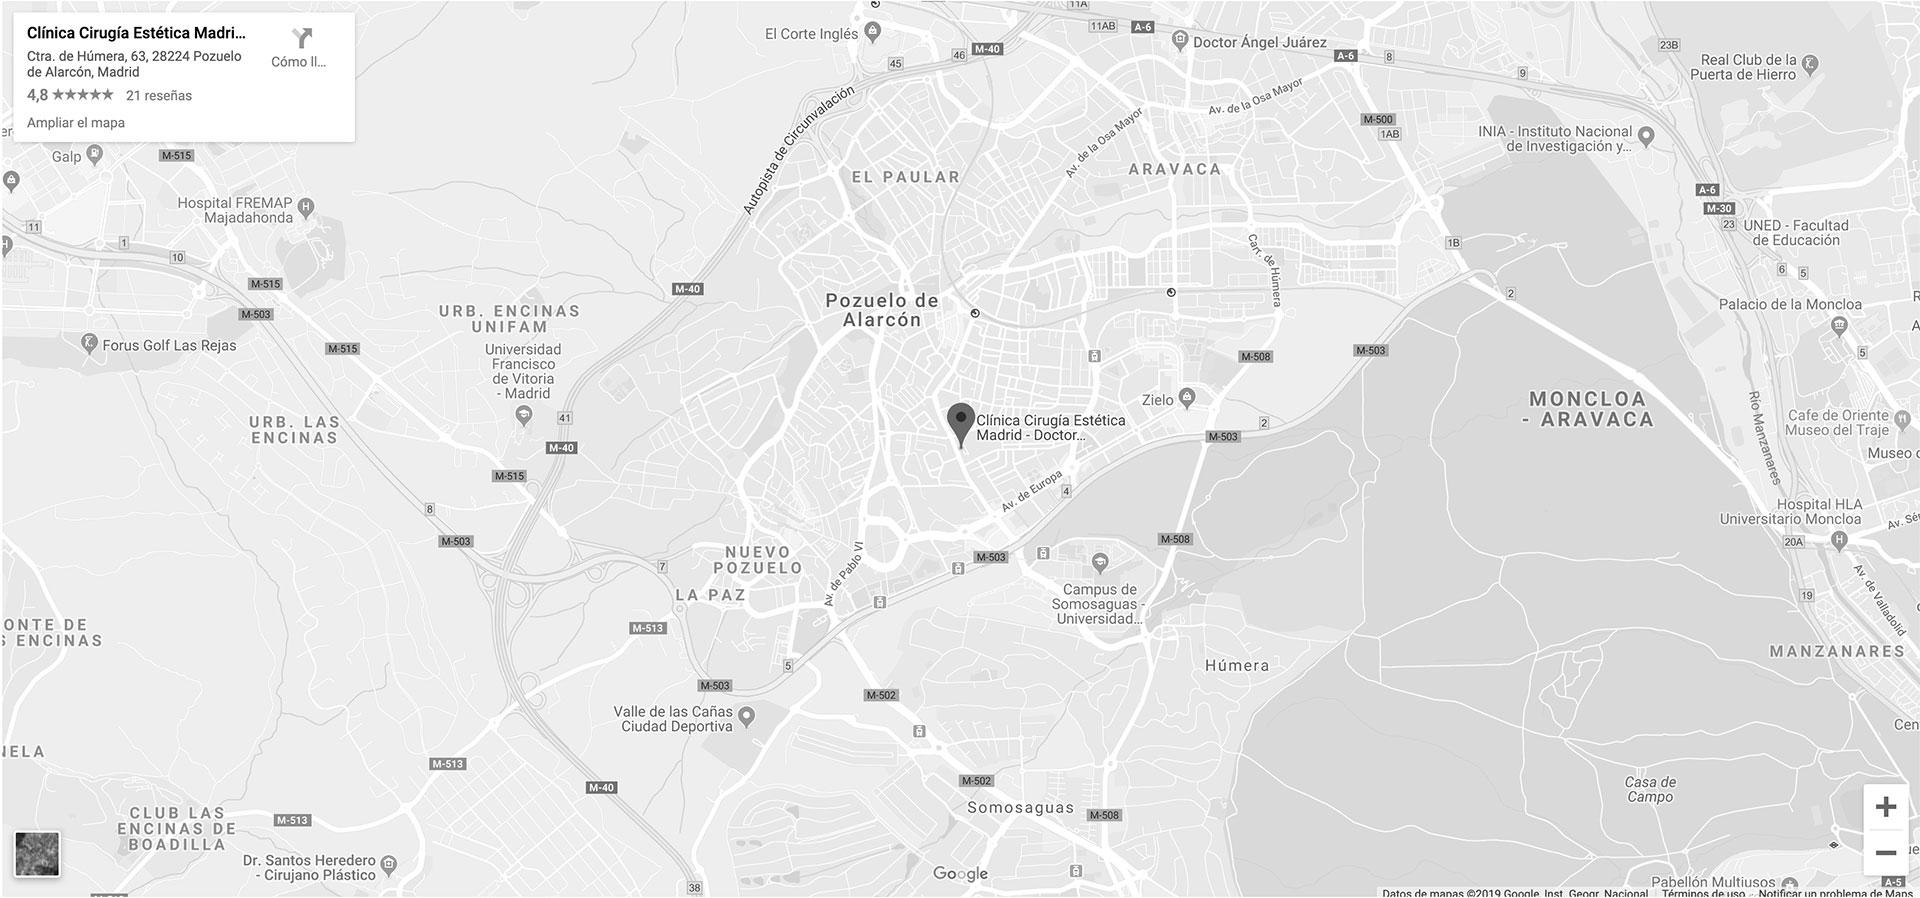 Cómo llegar a la Clínica de Cirugía Estética en Madrid del Doctor Granado Tiagonce.